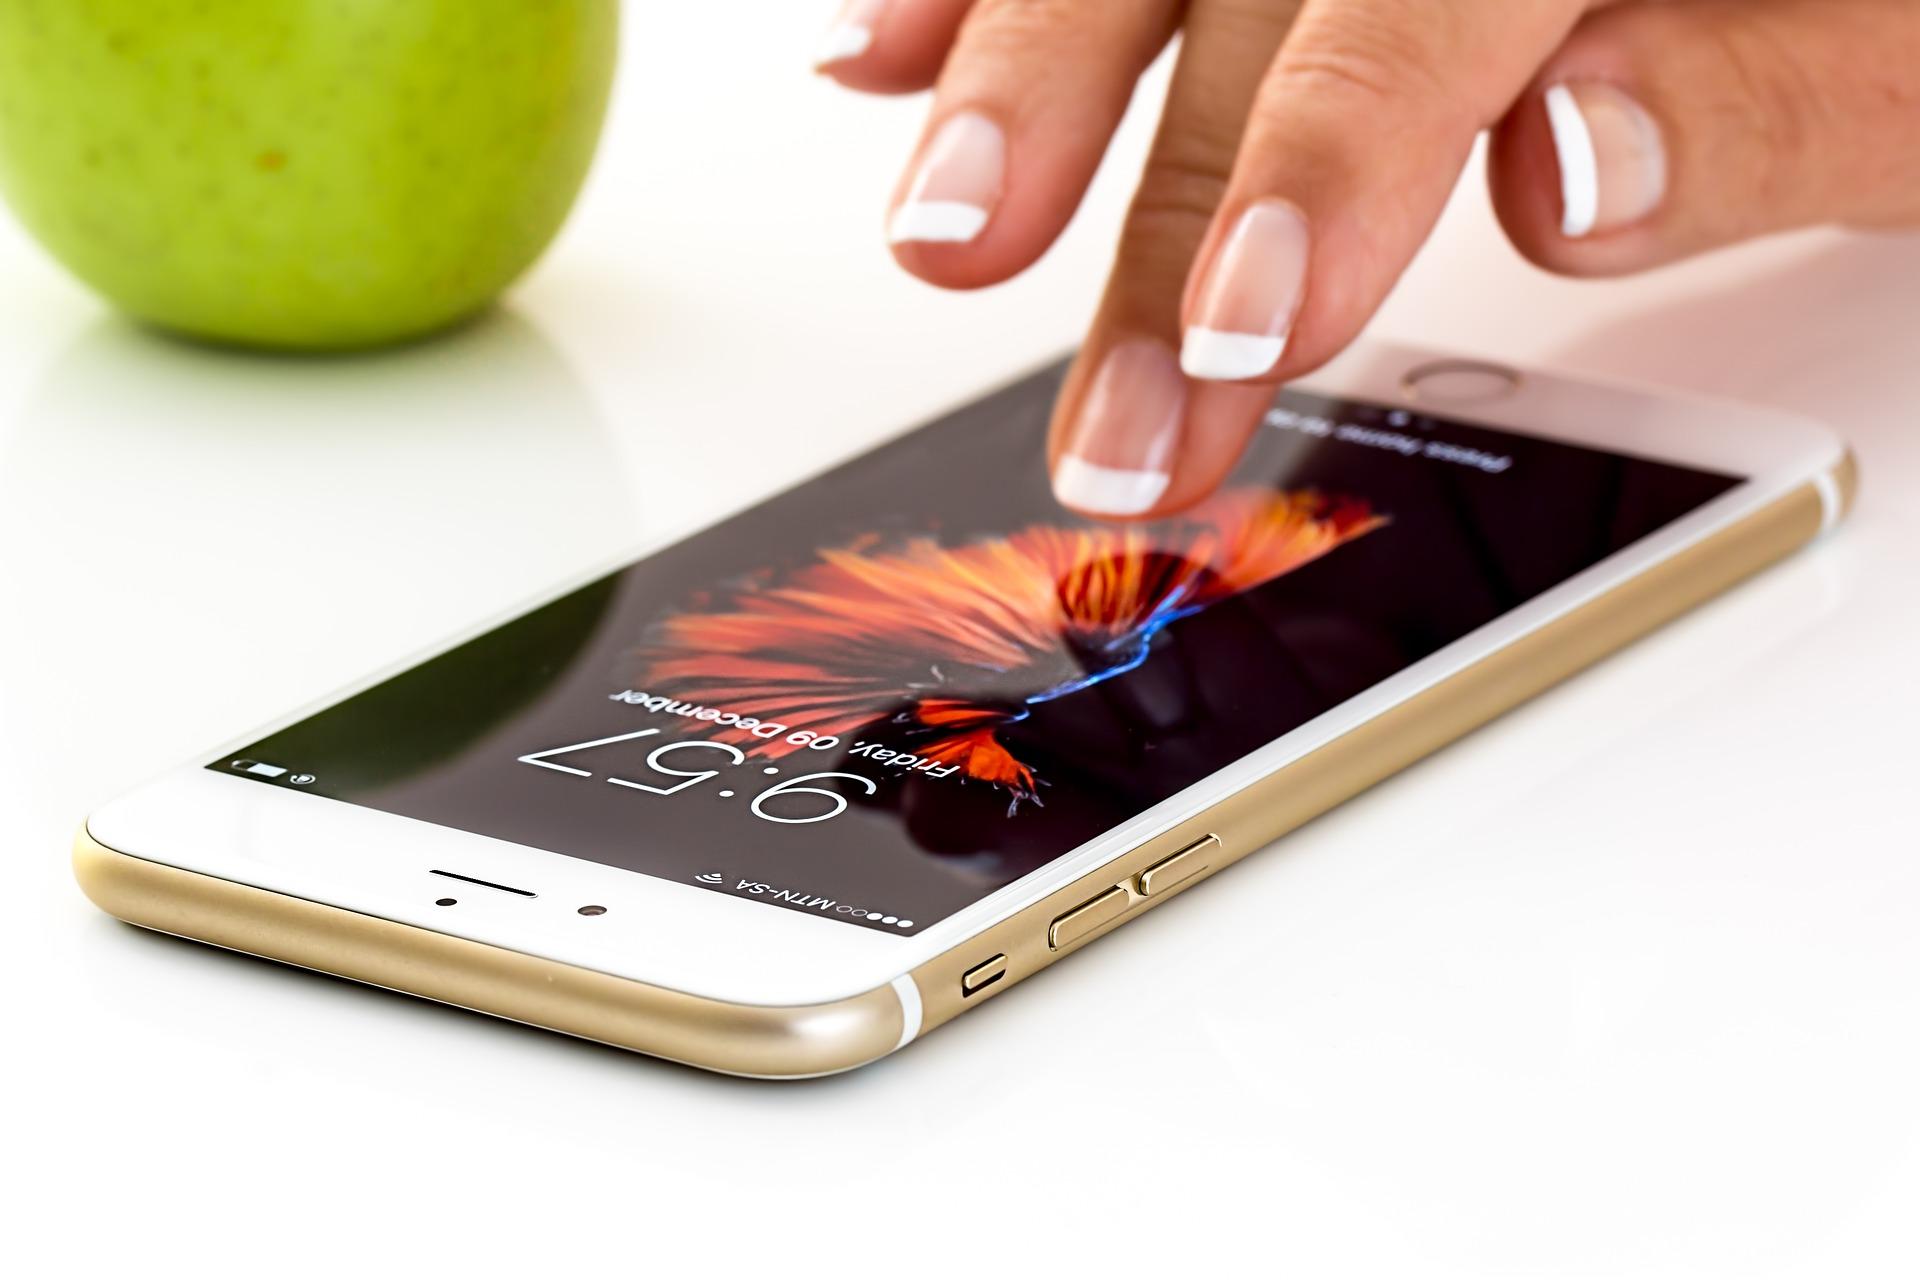 iphoneを操作する